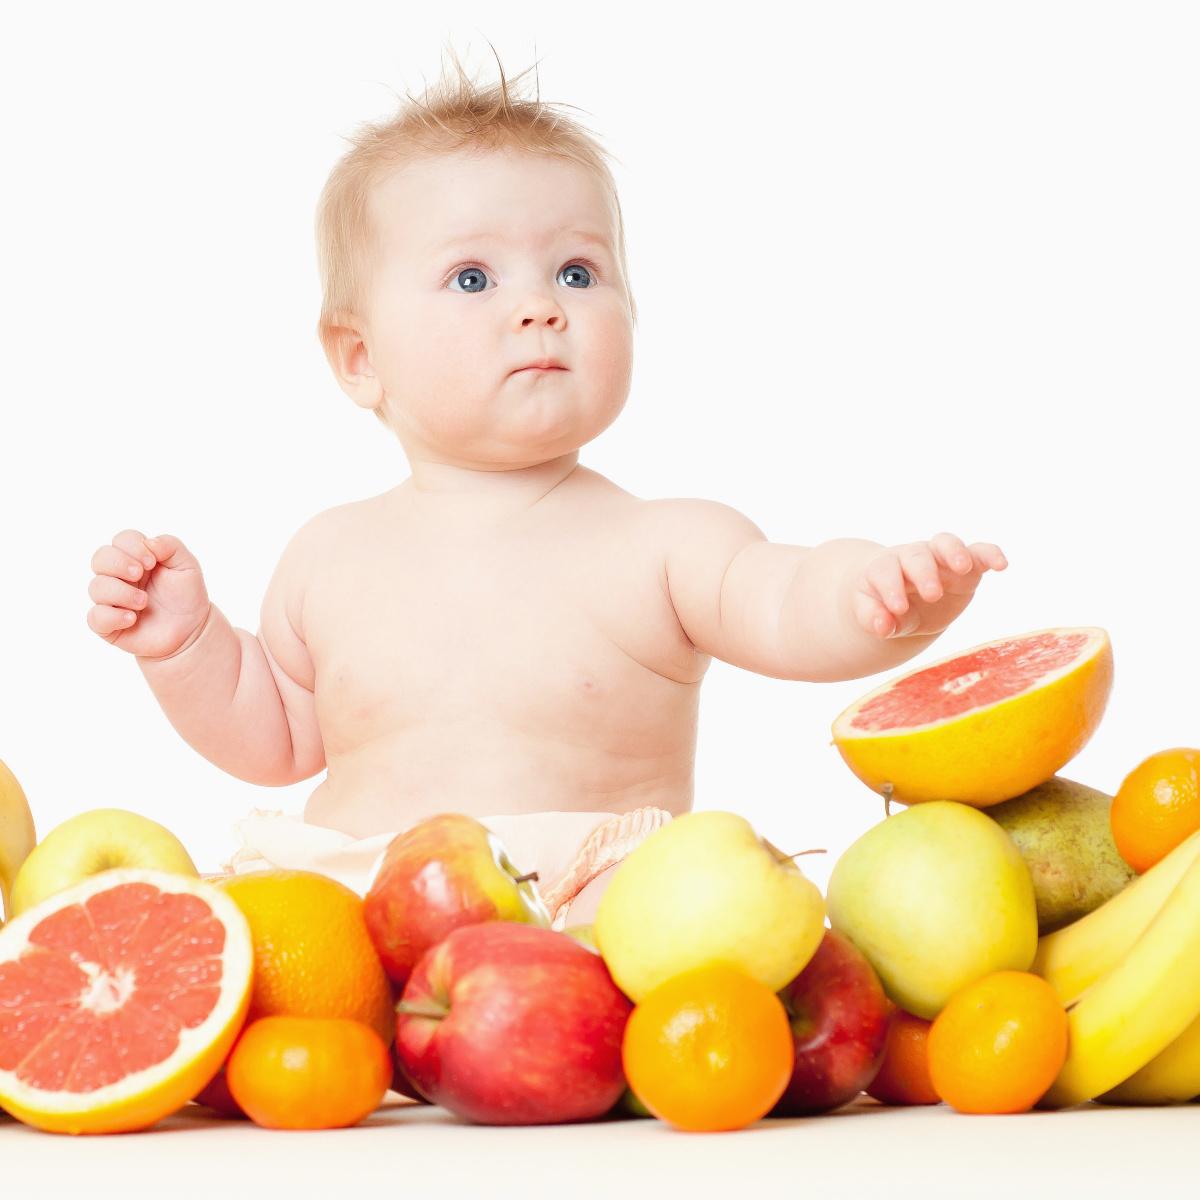 Os doze passos para a alimentação saudável de um bebê